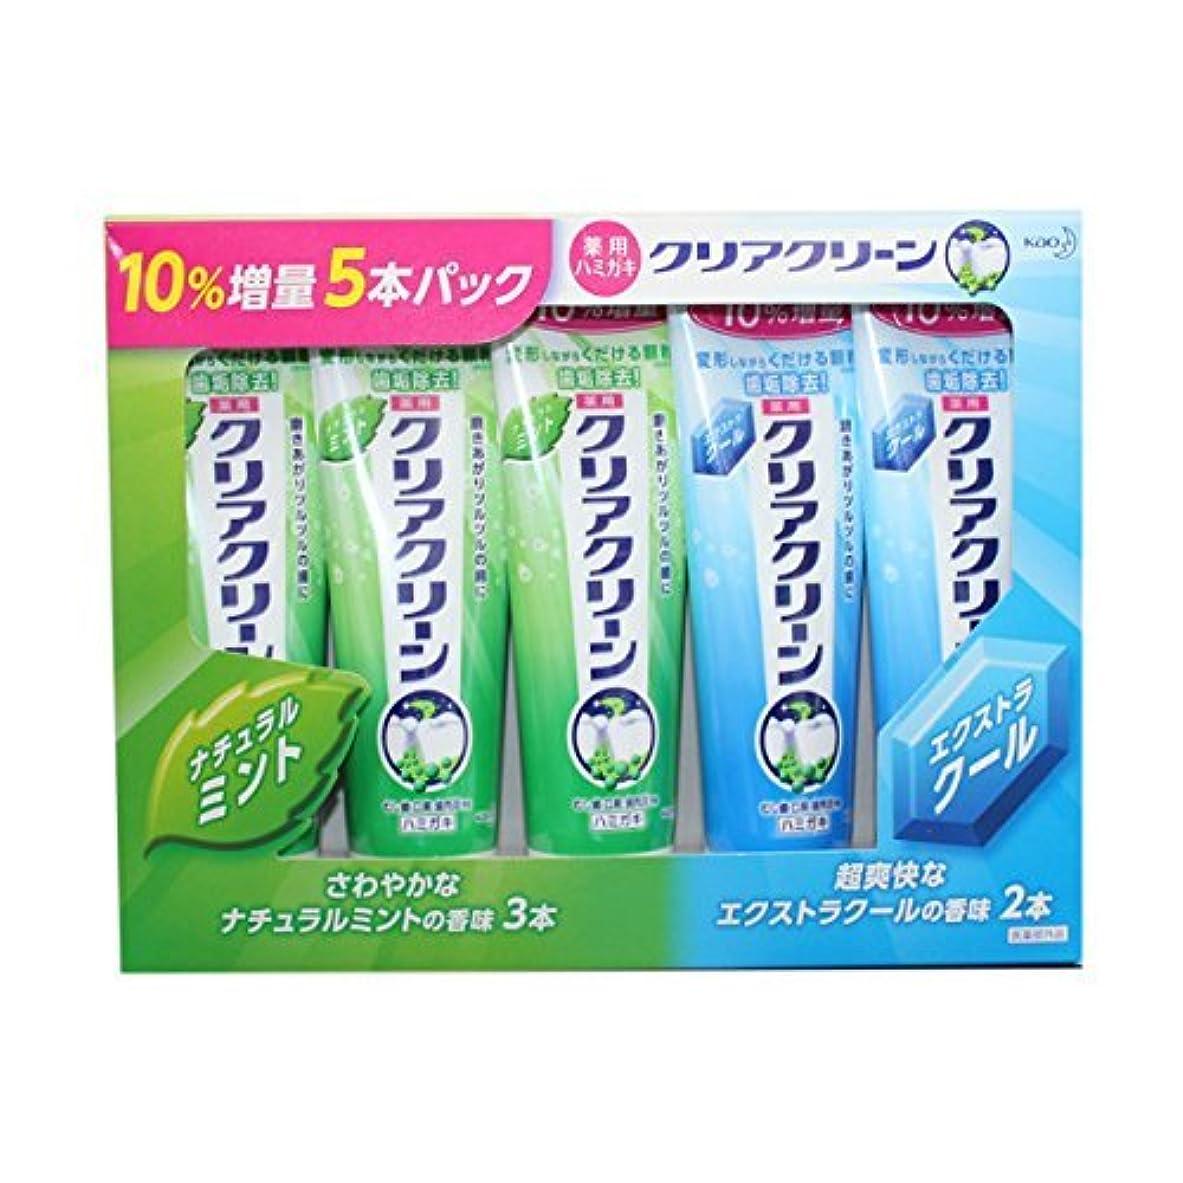 見かけ上あるネクタイクリアクリーン 143gx5本セット(ナチュラルミントx3/エクストラクールx2) 10%増量セット 歯磨き粉